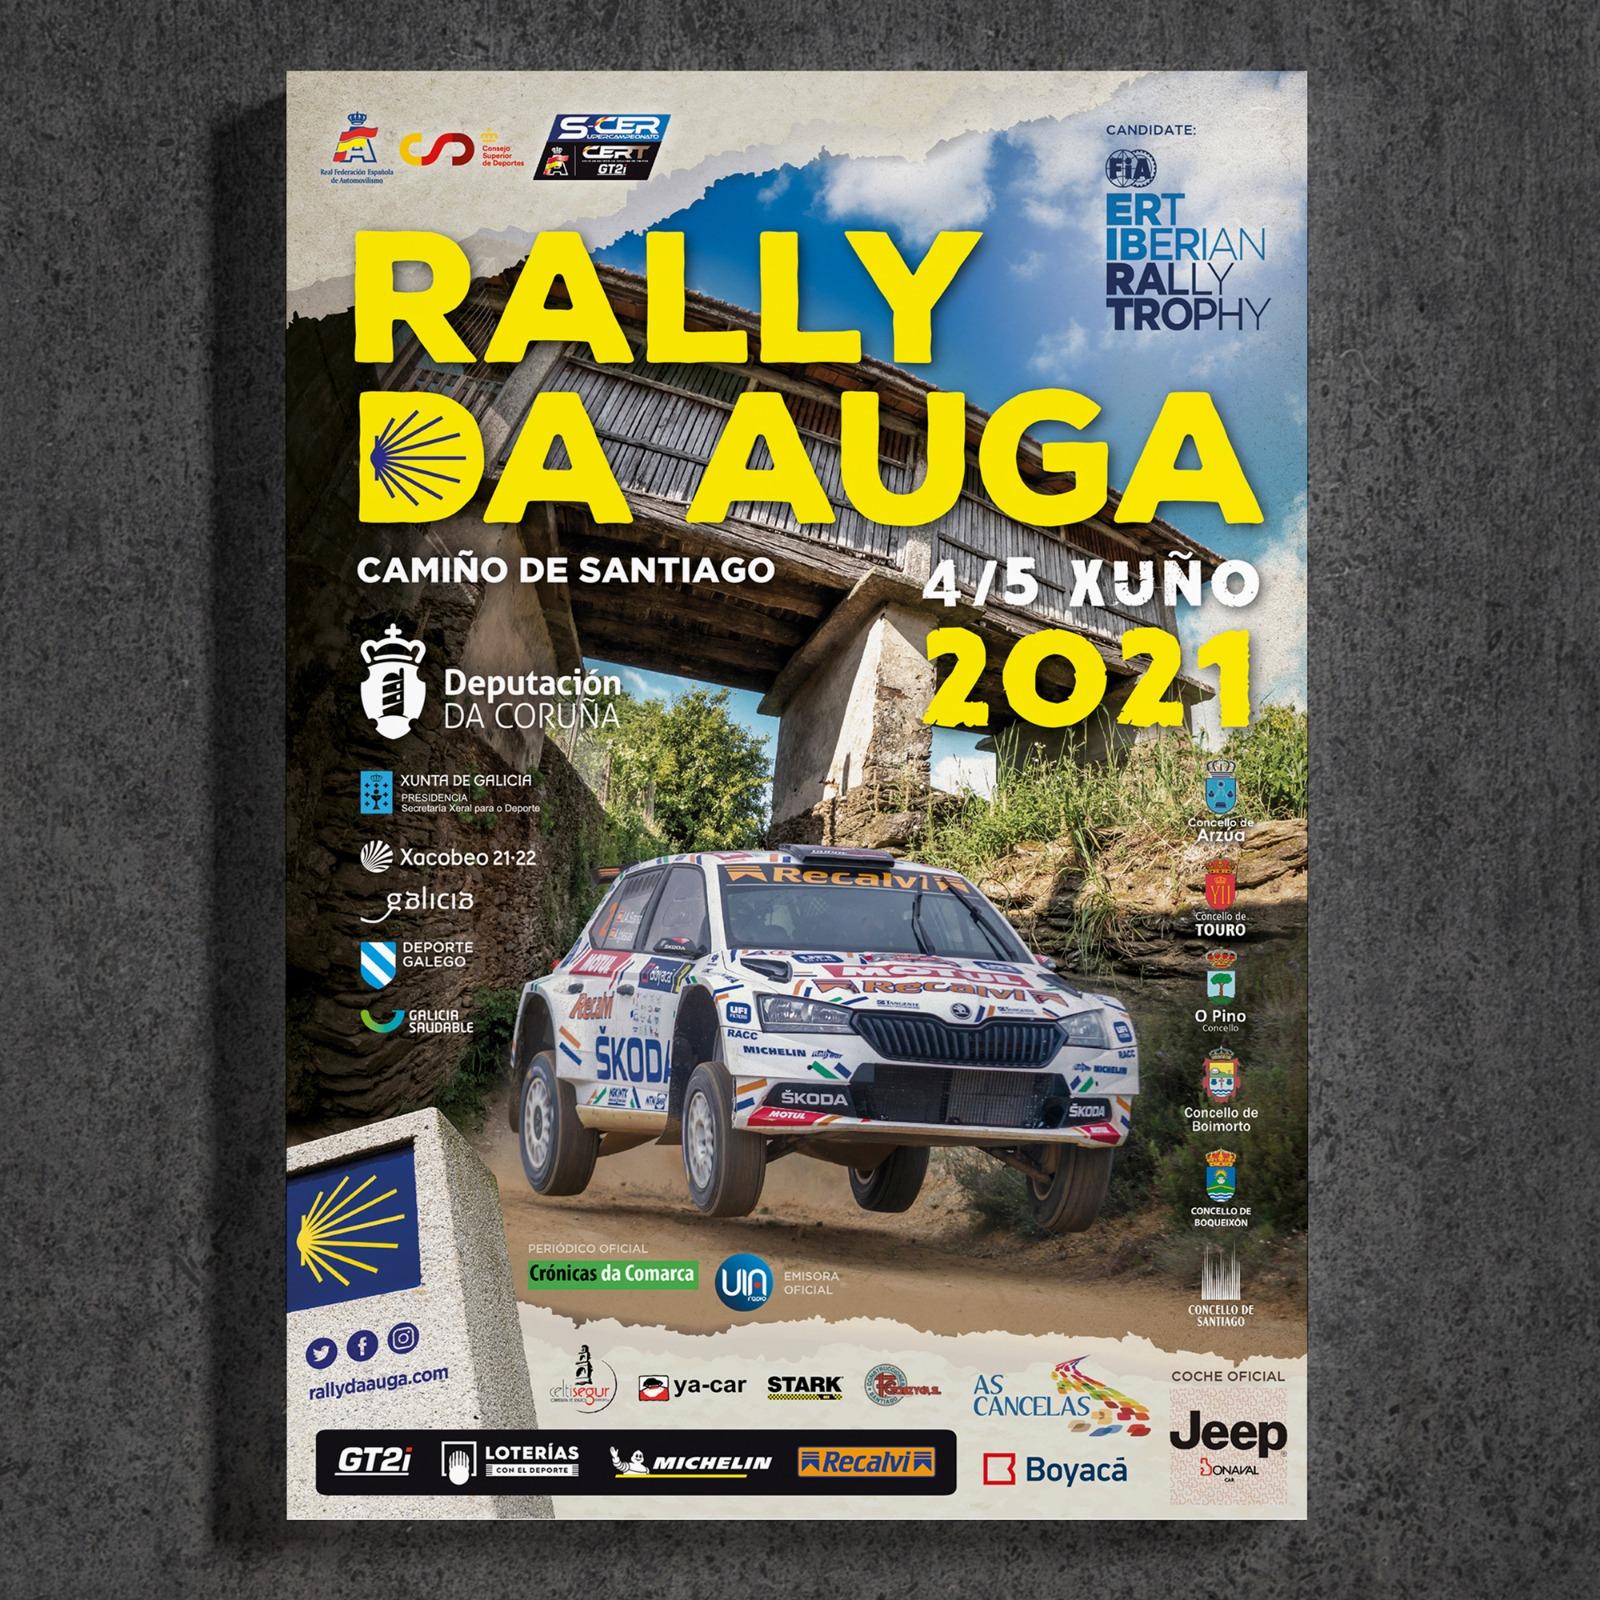 SCER + CERT: Rallye Terra da Auga - Camiño de Santiago [4-5 Junio] E1xQHc7X0AEXMY0?format=jpg&name=large